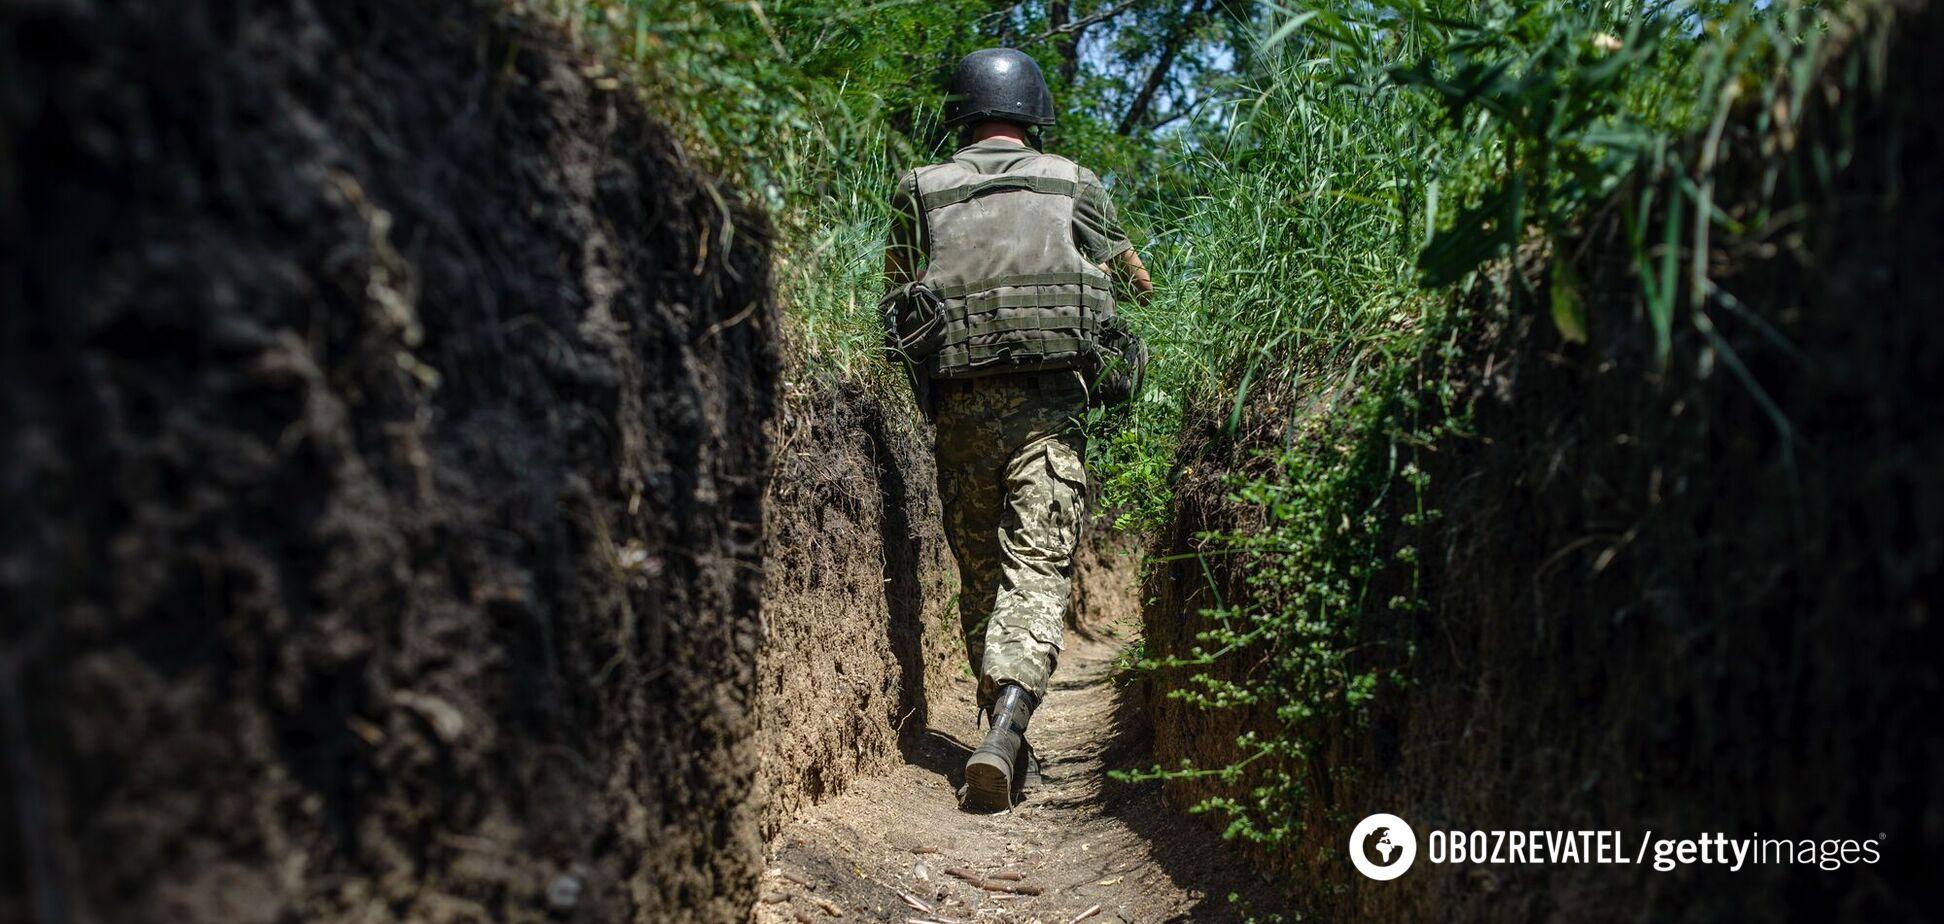 Окупанти обстріляли ВСУ з забороненої зброї і дистанційно підірвали міну – штаб ООС